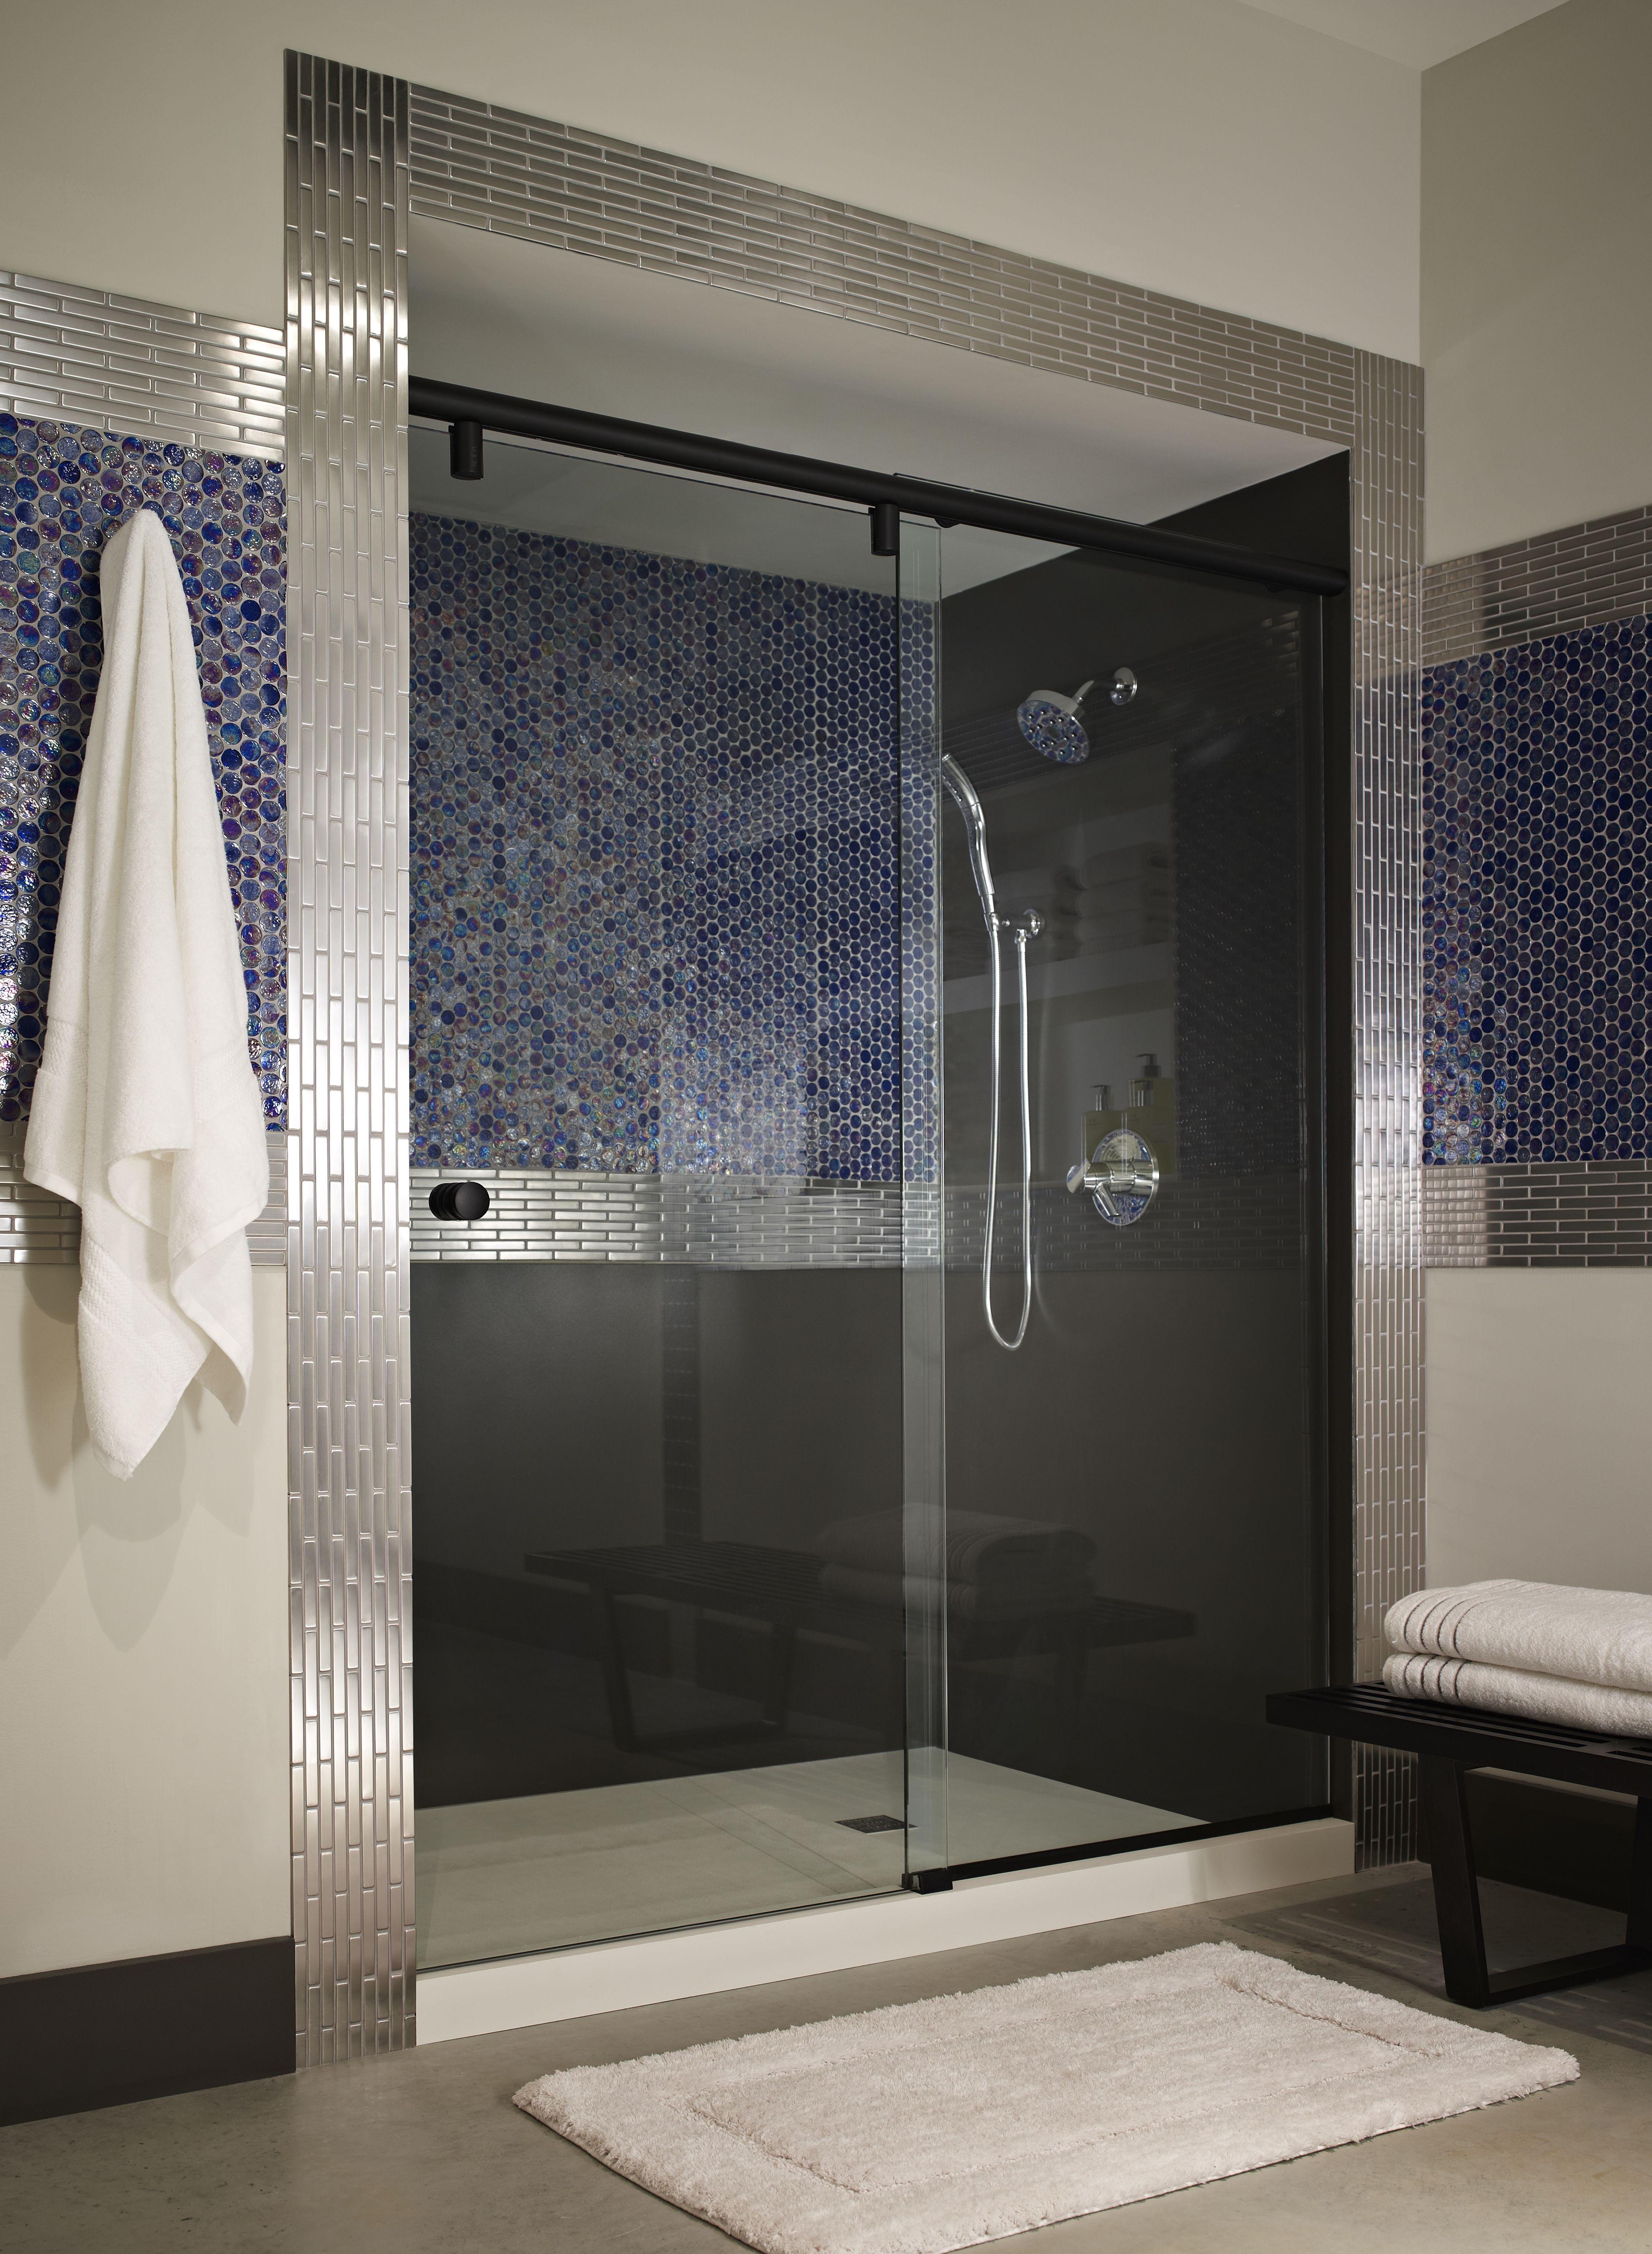 Frameless Rolling Glass Shower Doors.Evo Frameless 3 8 Inch Glass Rolling Door Master Bathroom